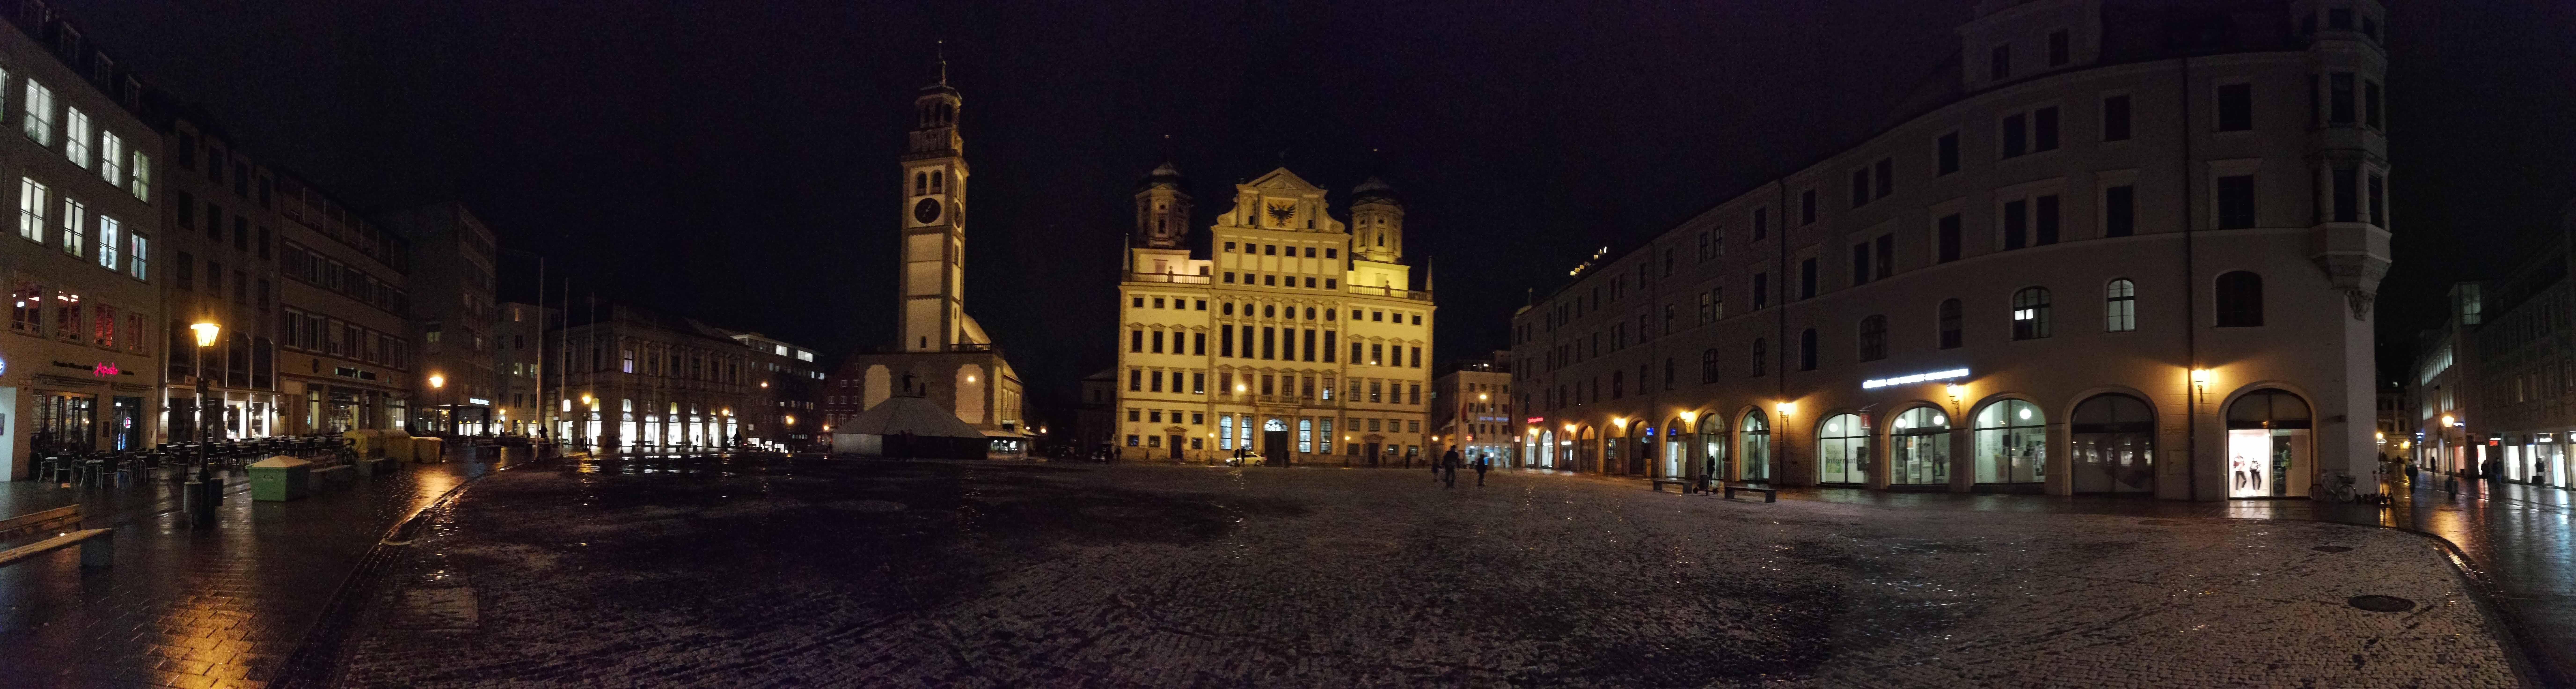 Panorama Rathausplatz